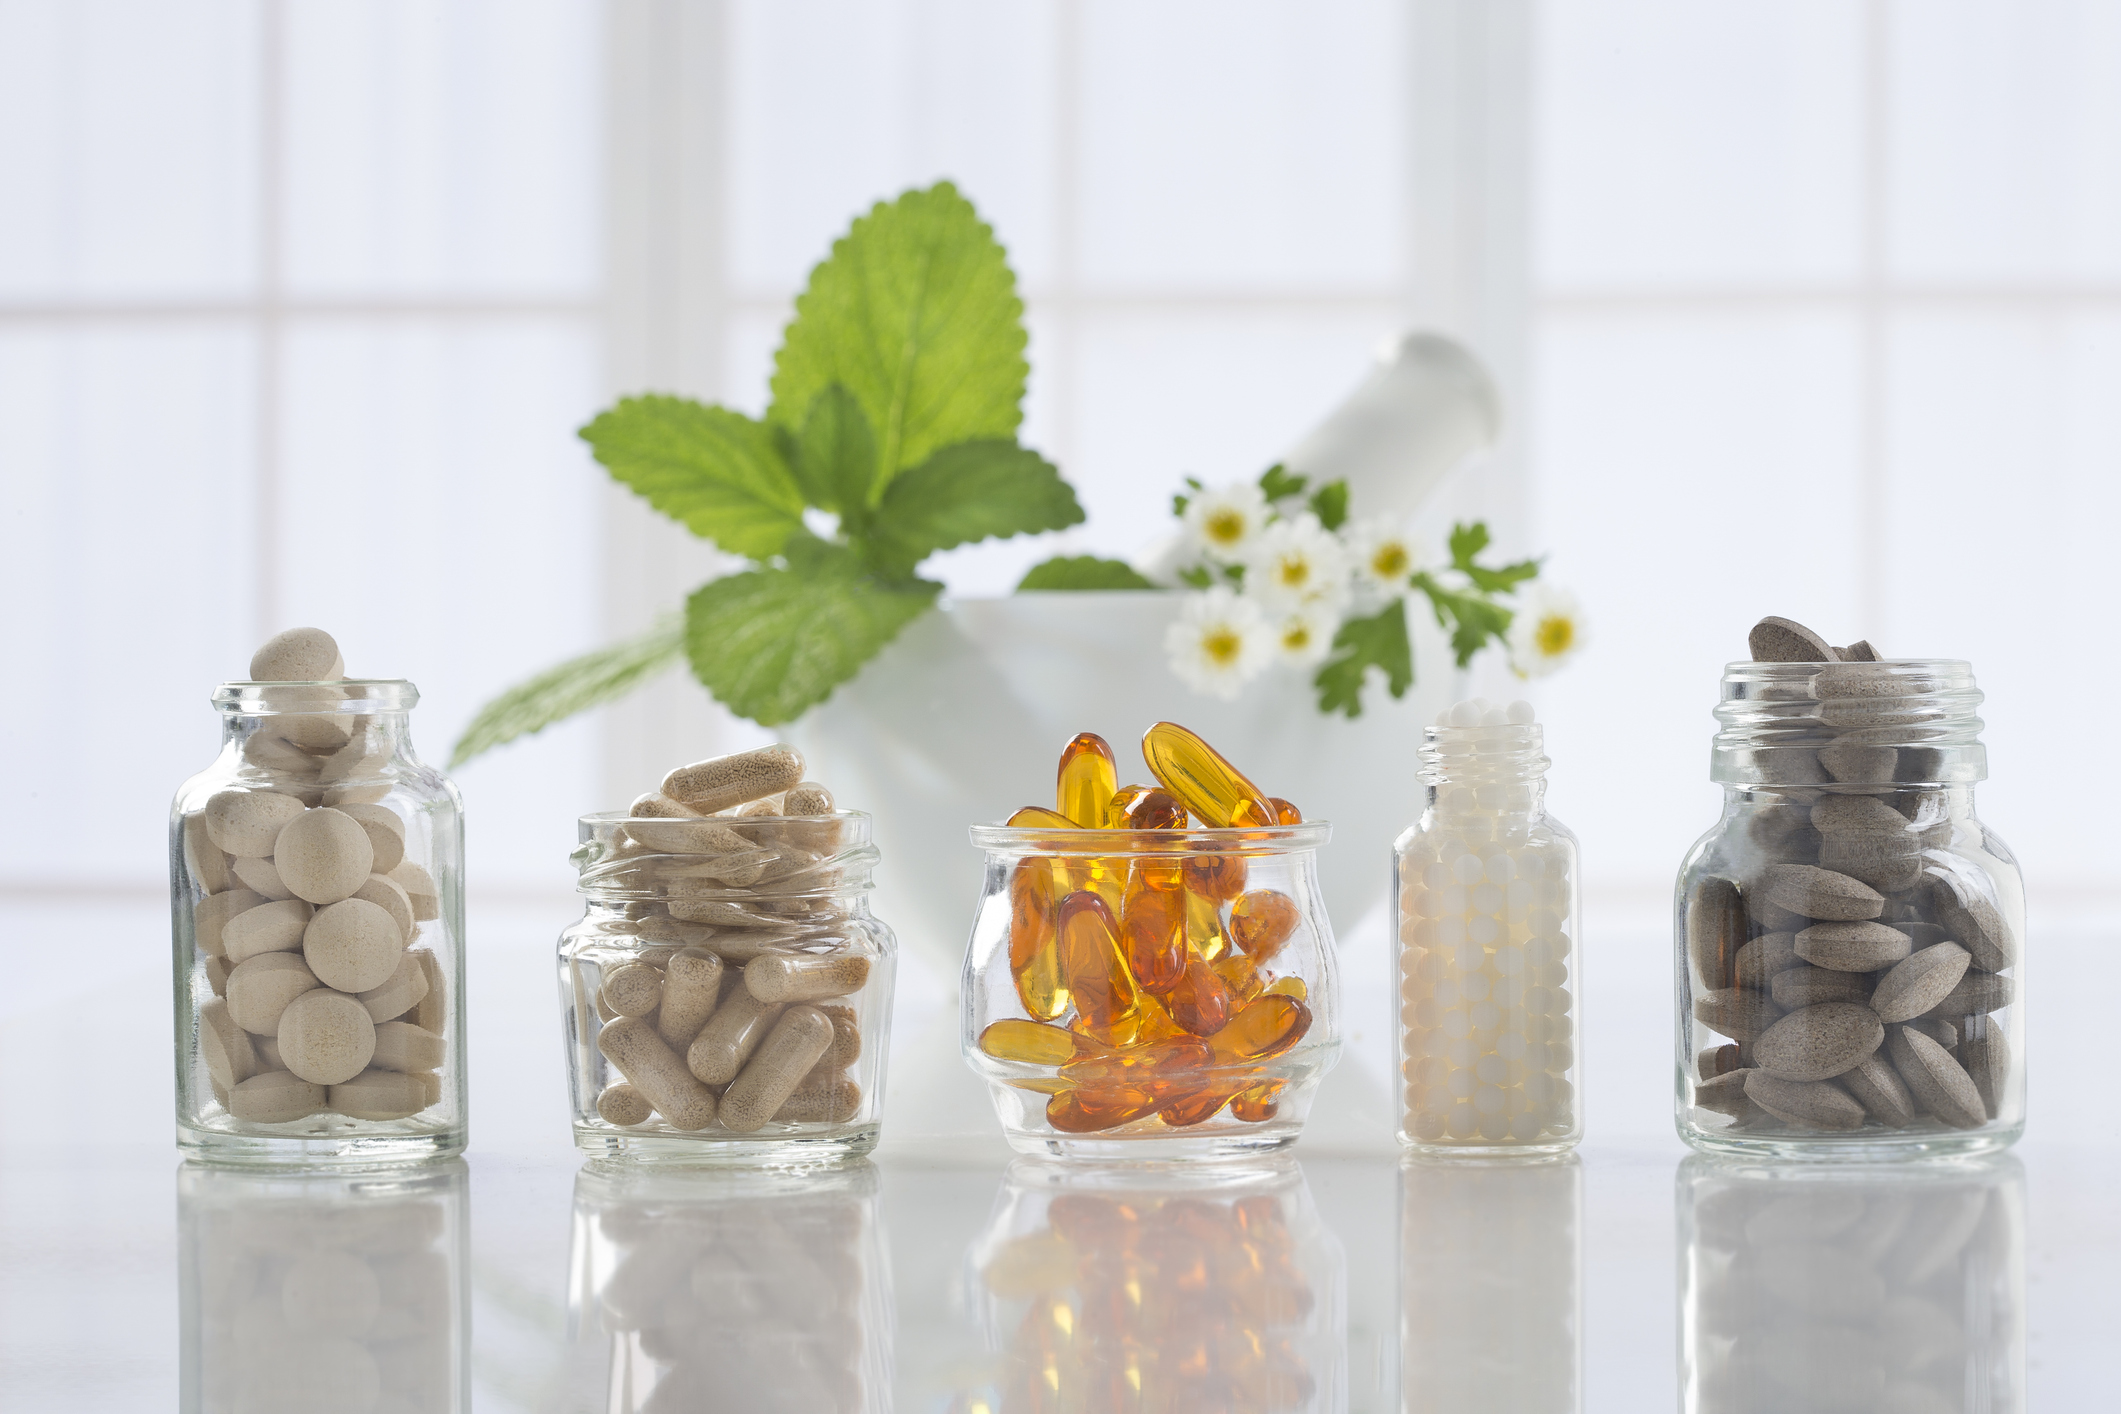 препараты для восстановления легких